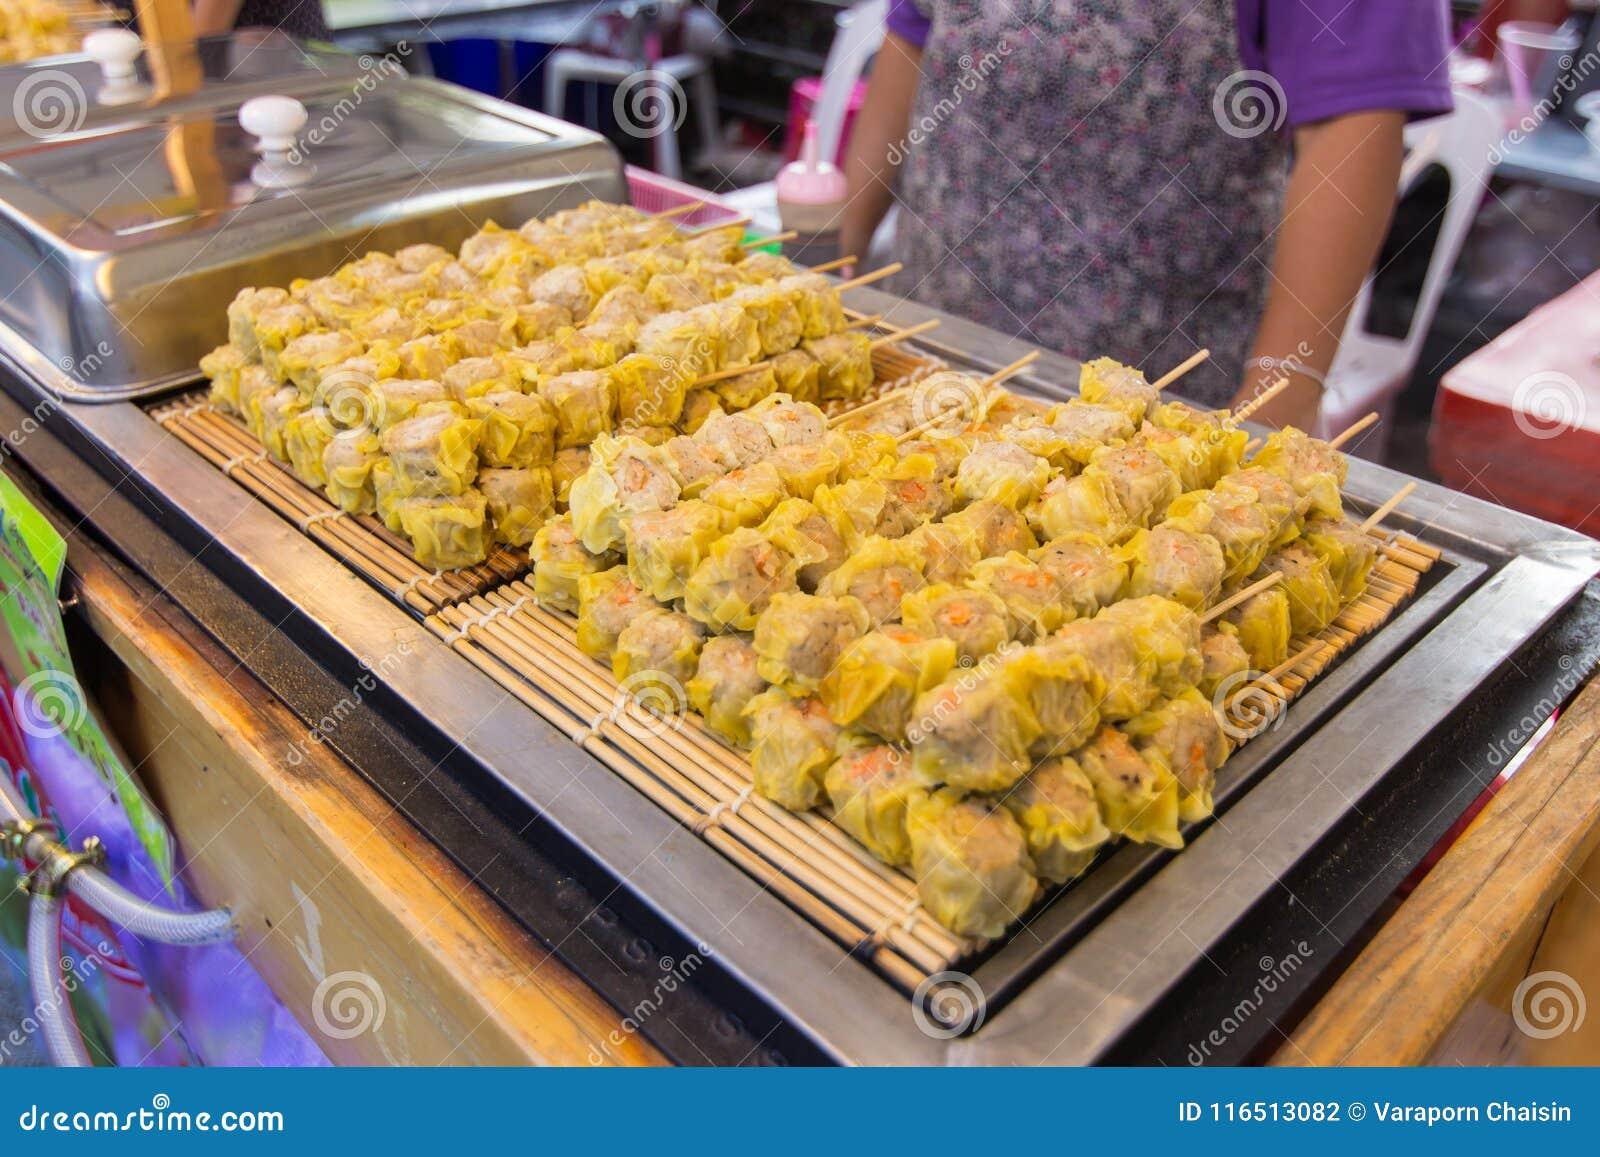 Shumai no alimento da rua, bolinha de massa chinesa